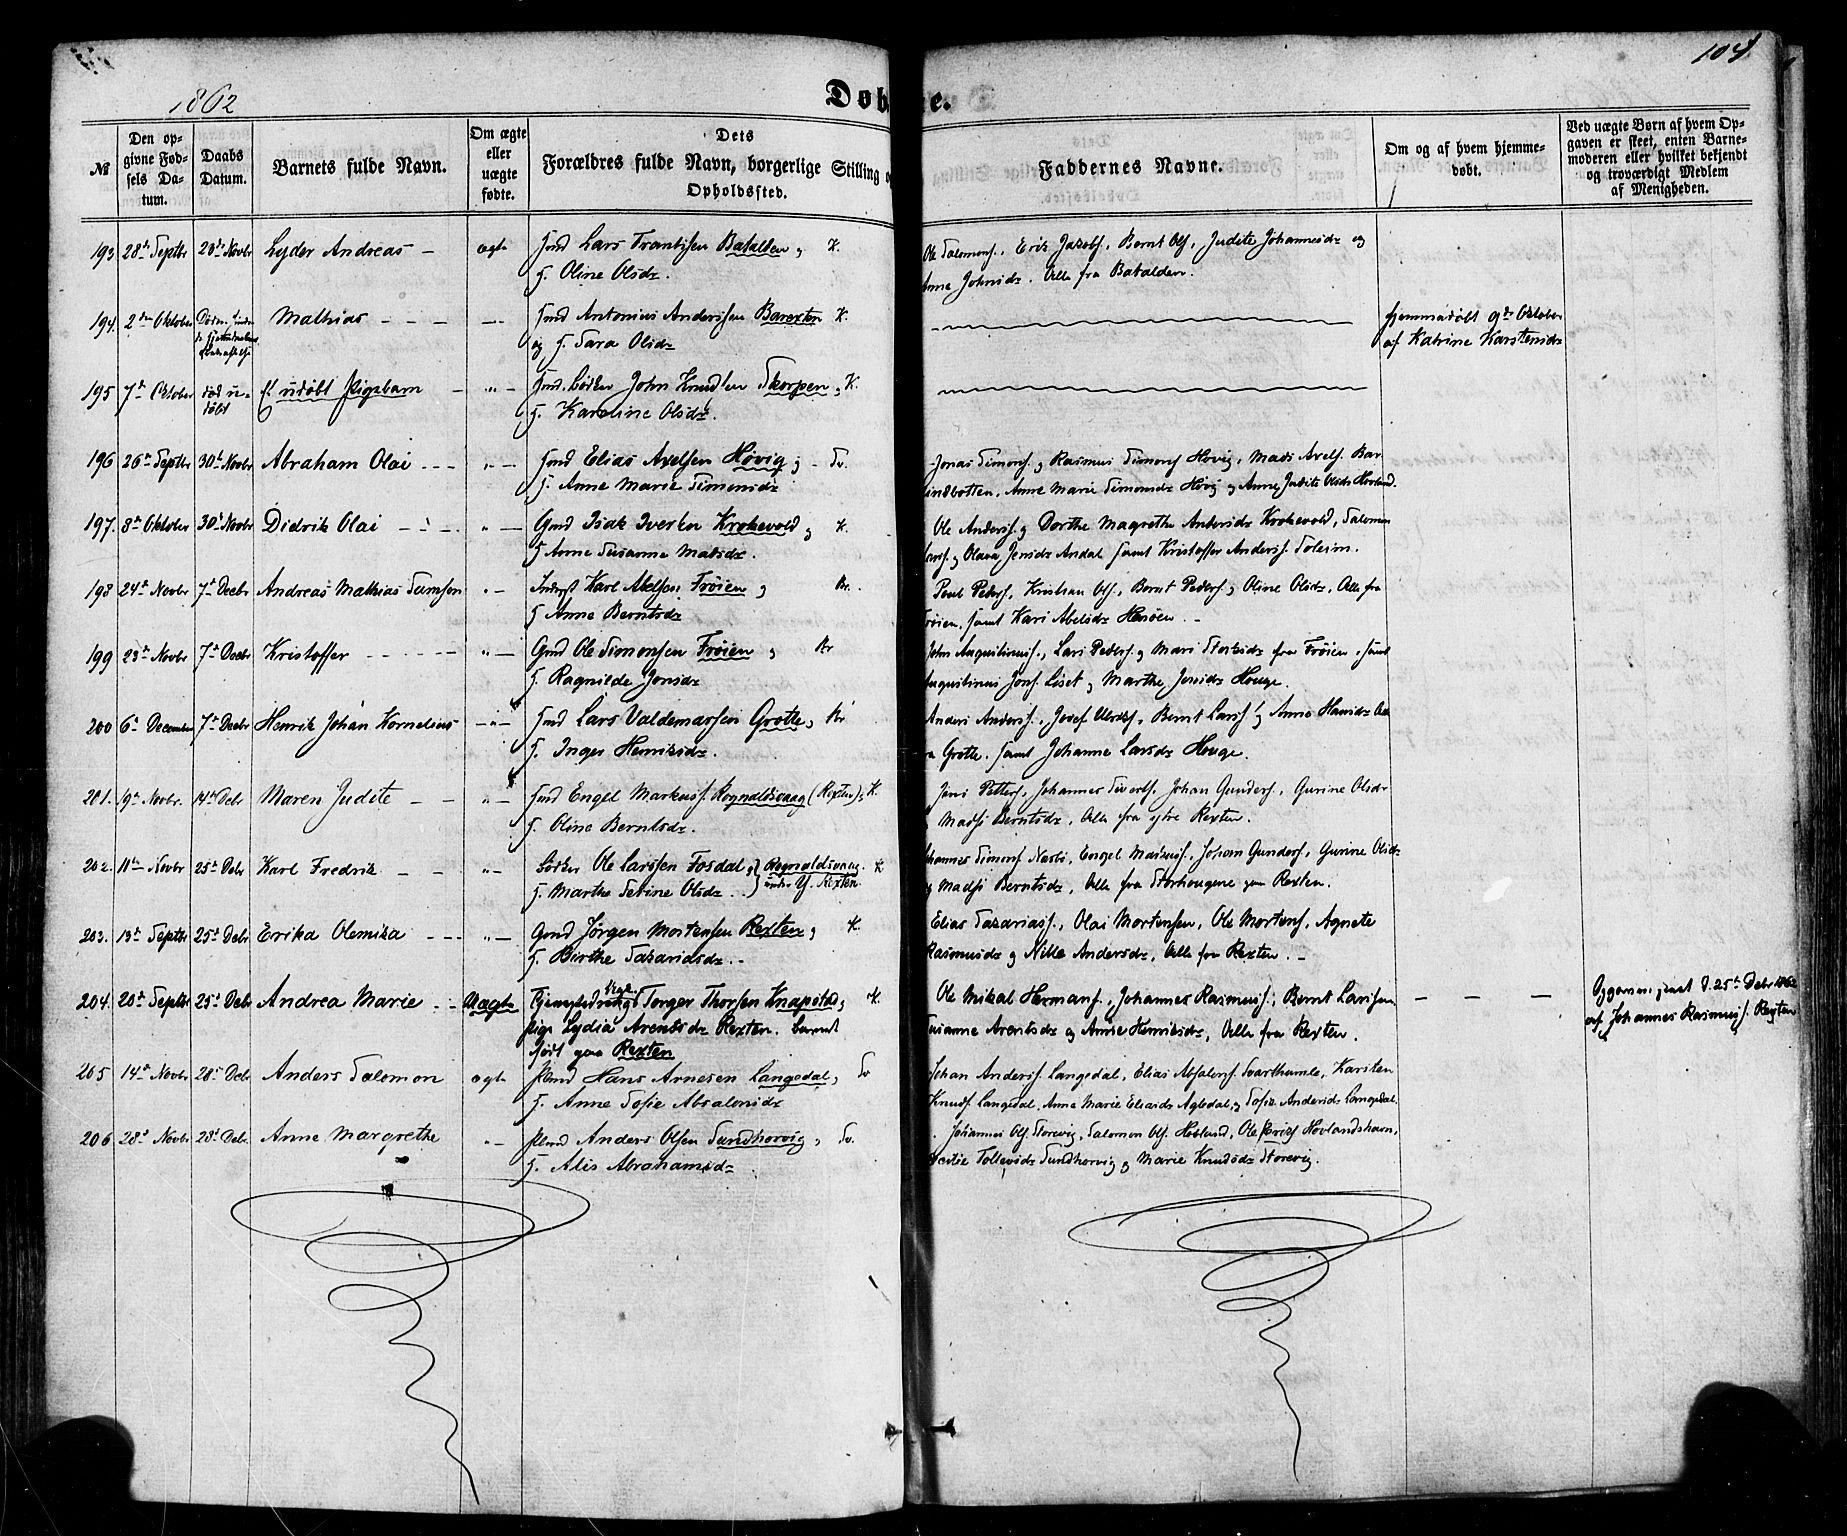 SAB, Kinn Sokneprestembete, Ministerialbok nr. A 6, 1857-1885, s. 104